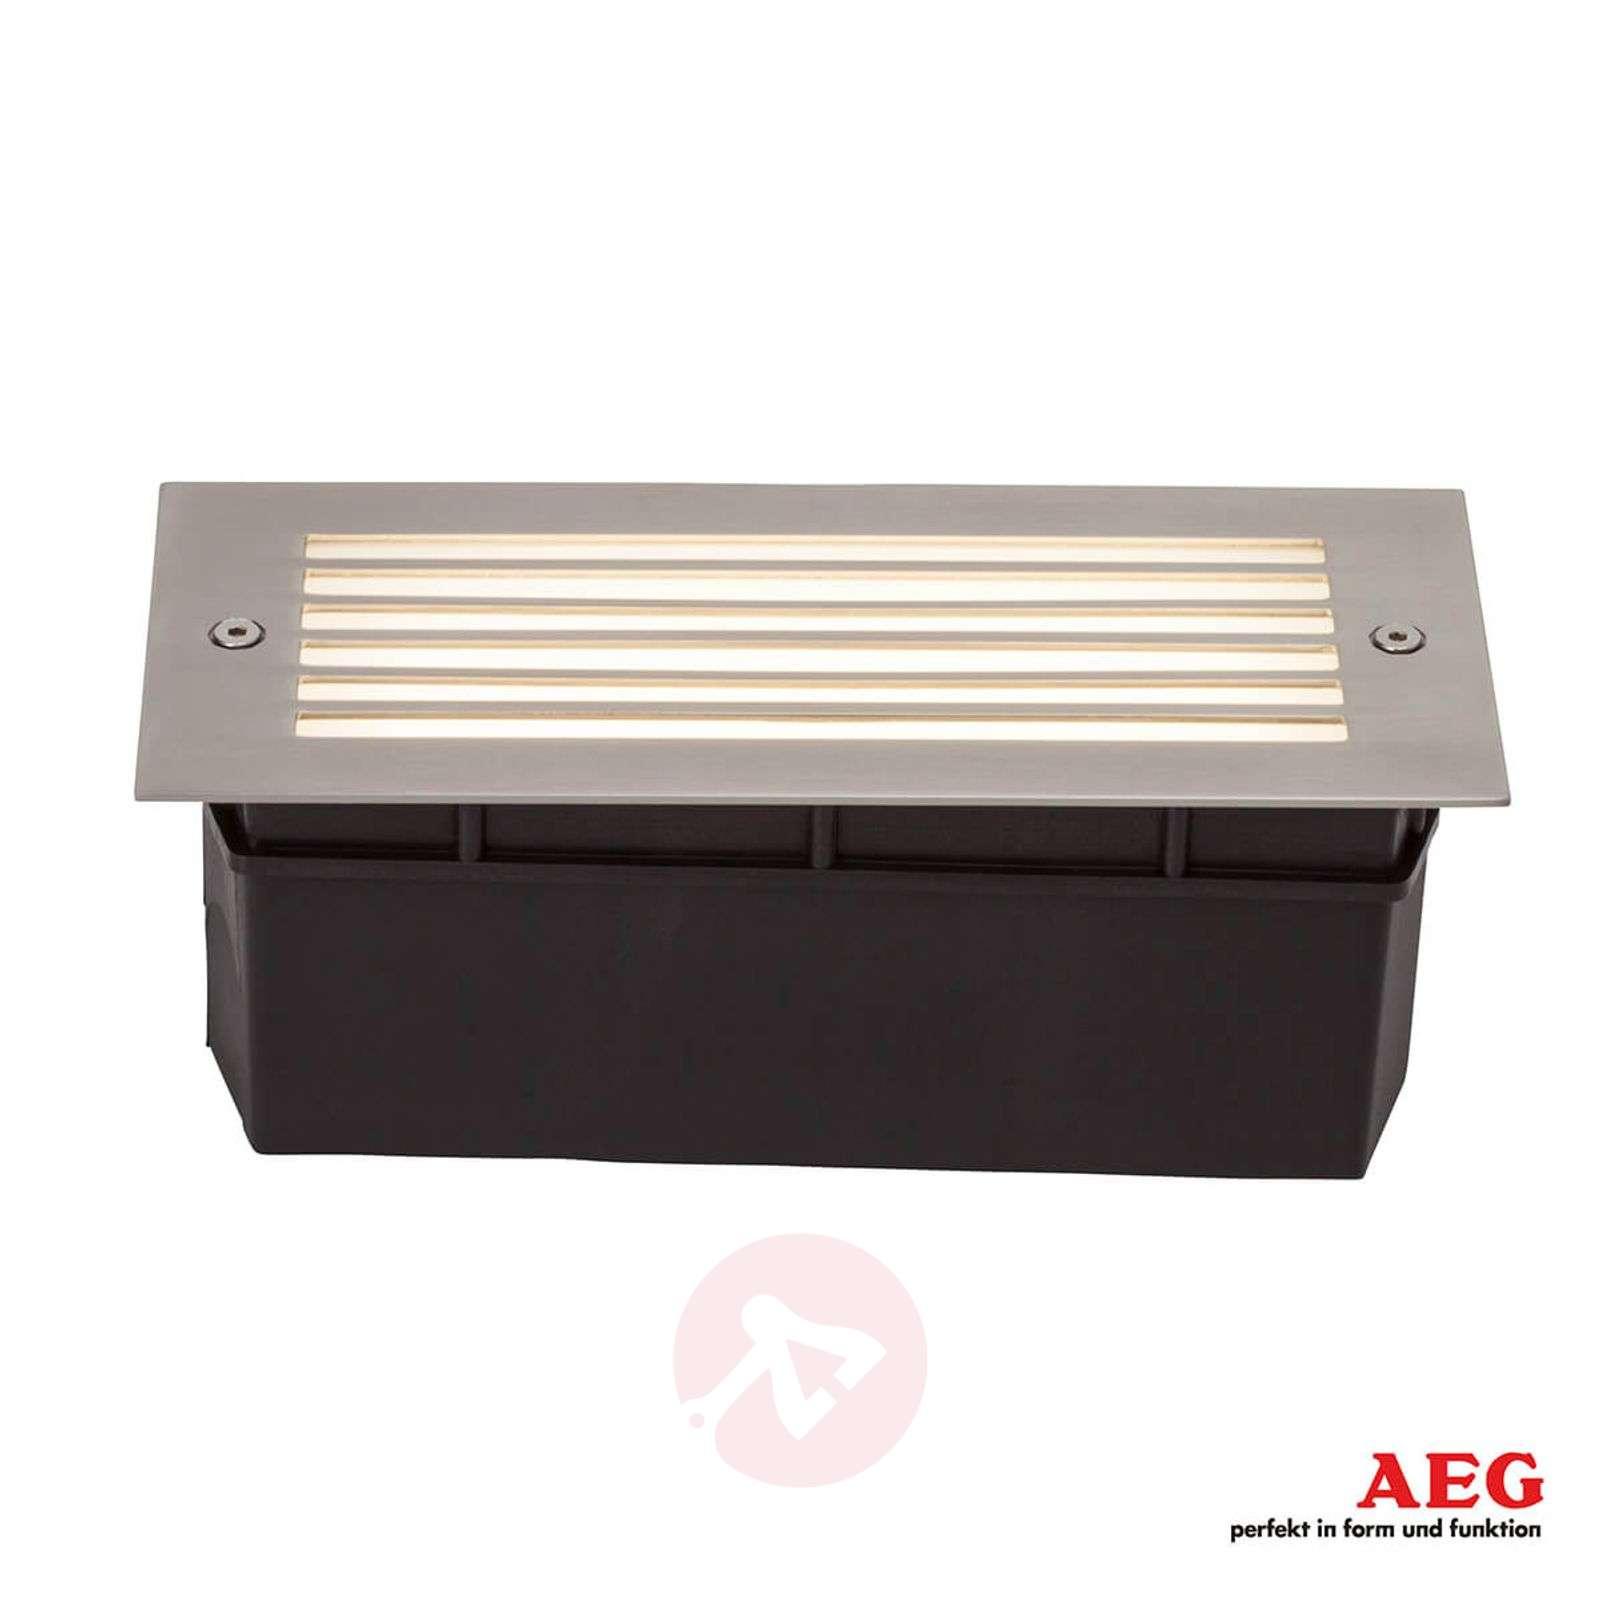 Wall LED-ulkoseinäuppovalaisin säleiköllä-3057133-01